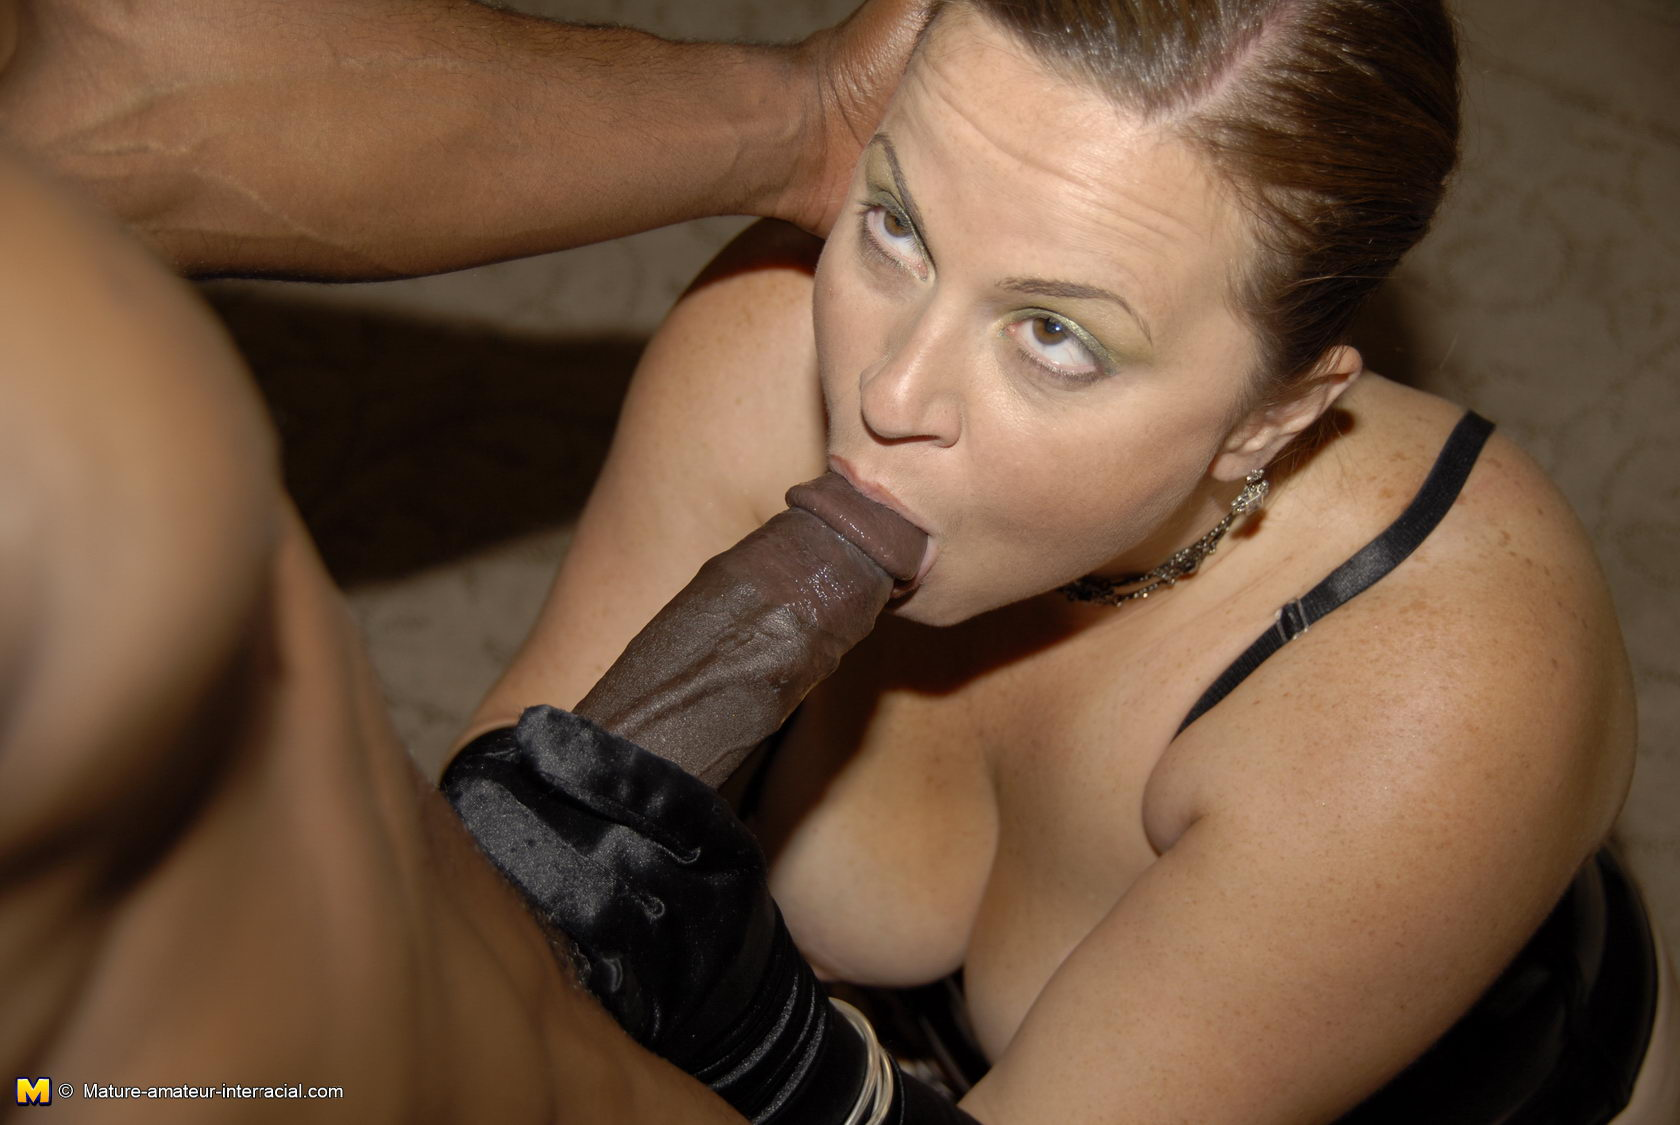 hot girl anal ring